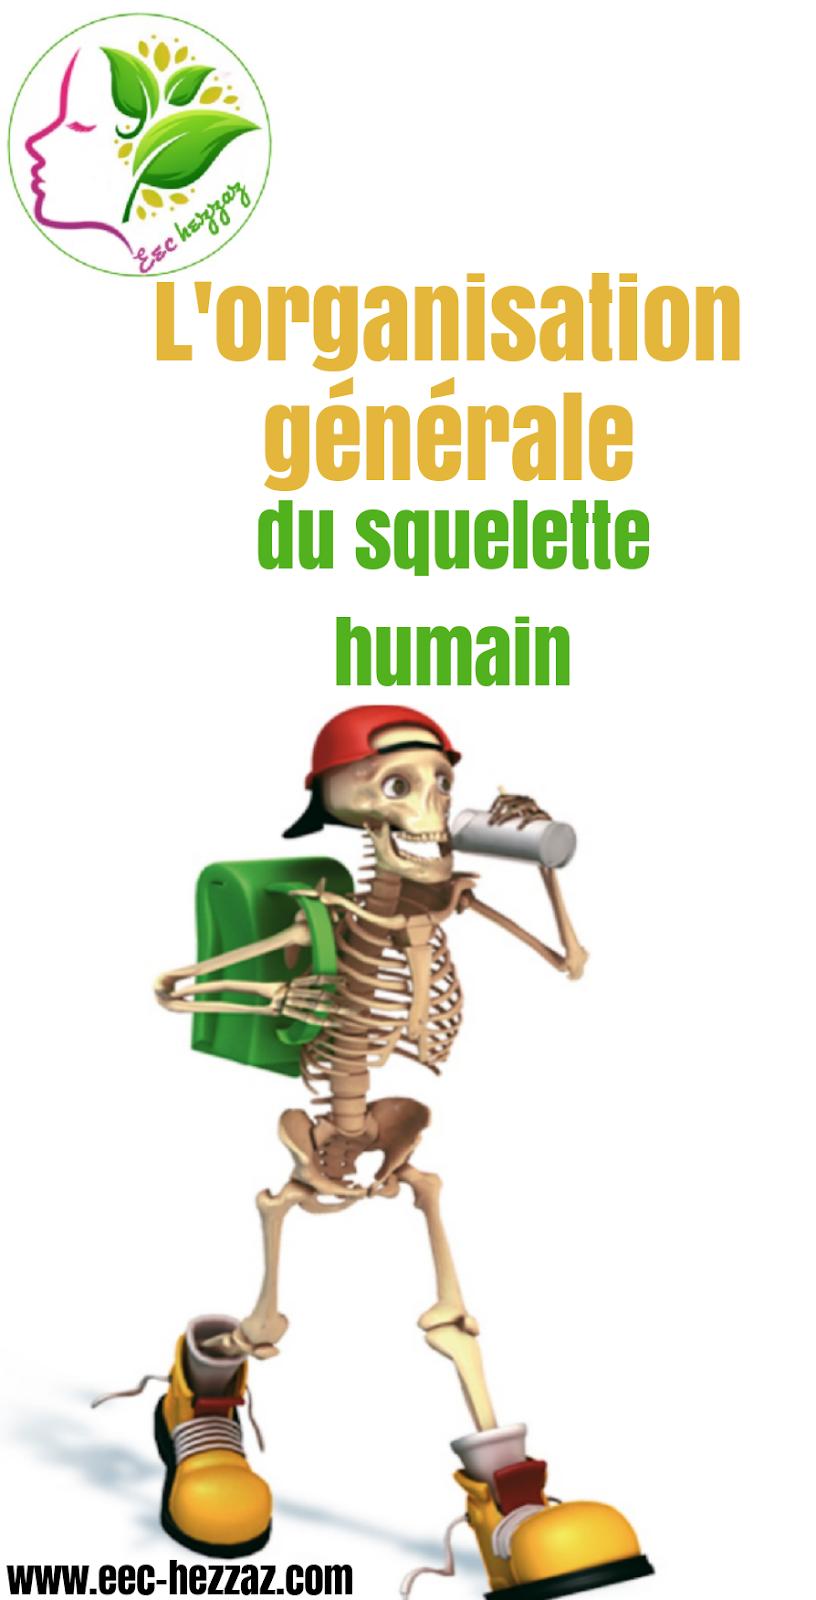 L'organisation générale du squelette humain